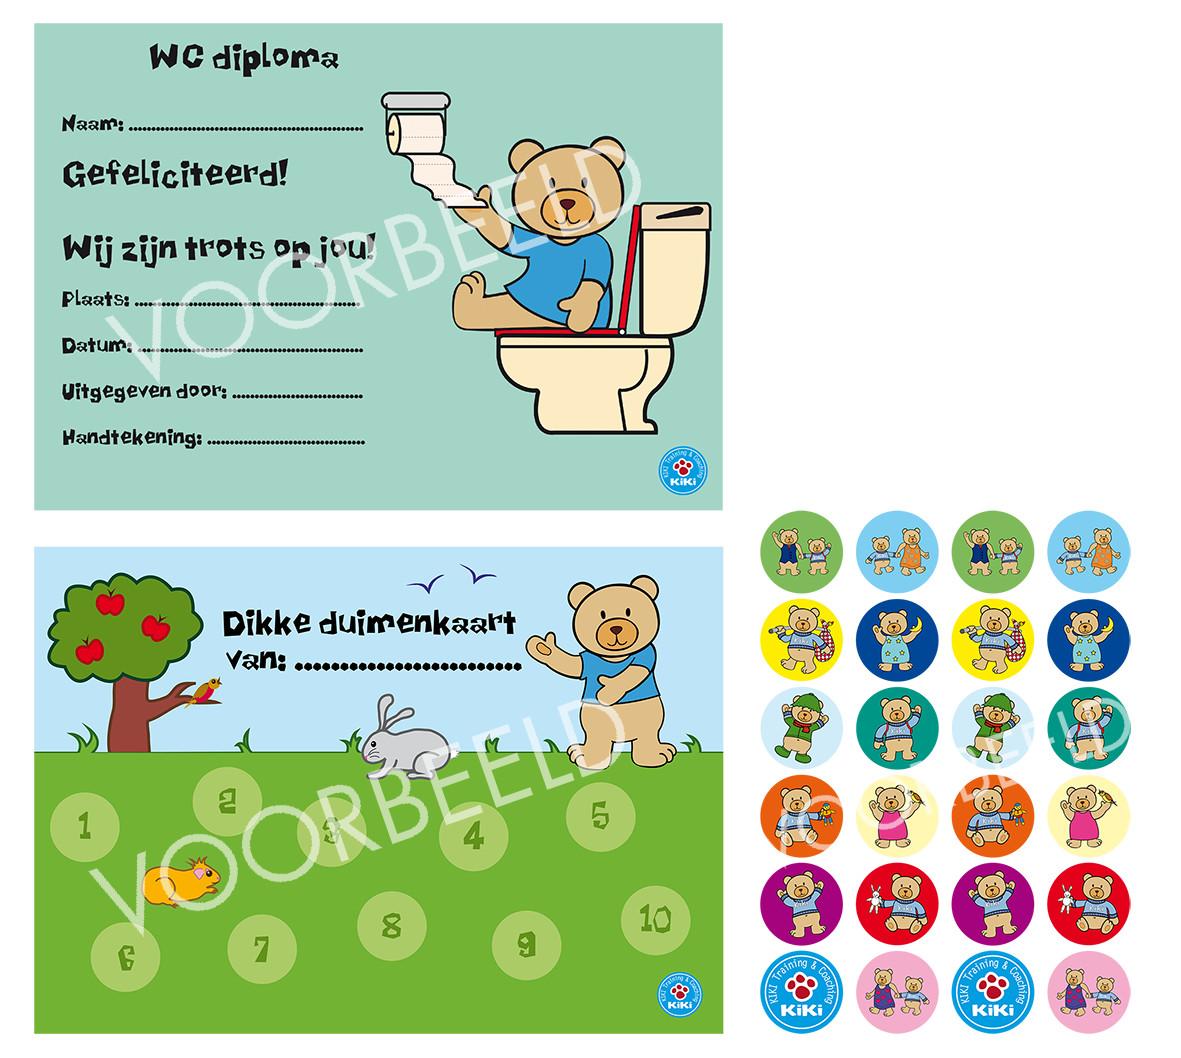 Dikke Duimenkaarten 6 x en 3 vellen Kiki stickers & 6 WC Diploma's